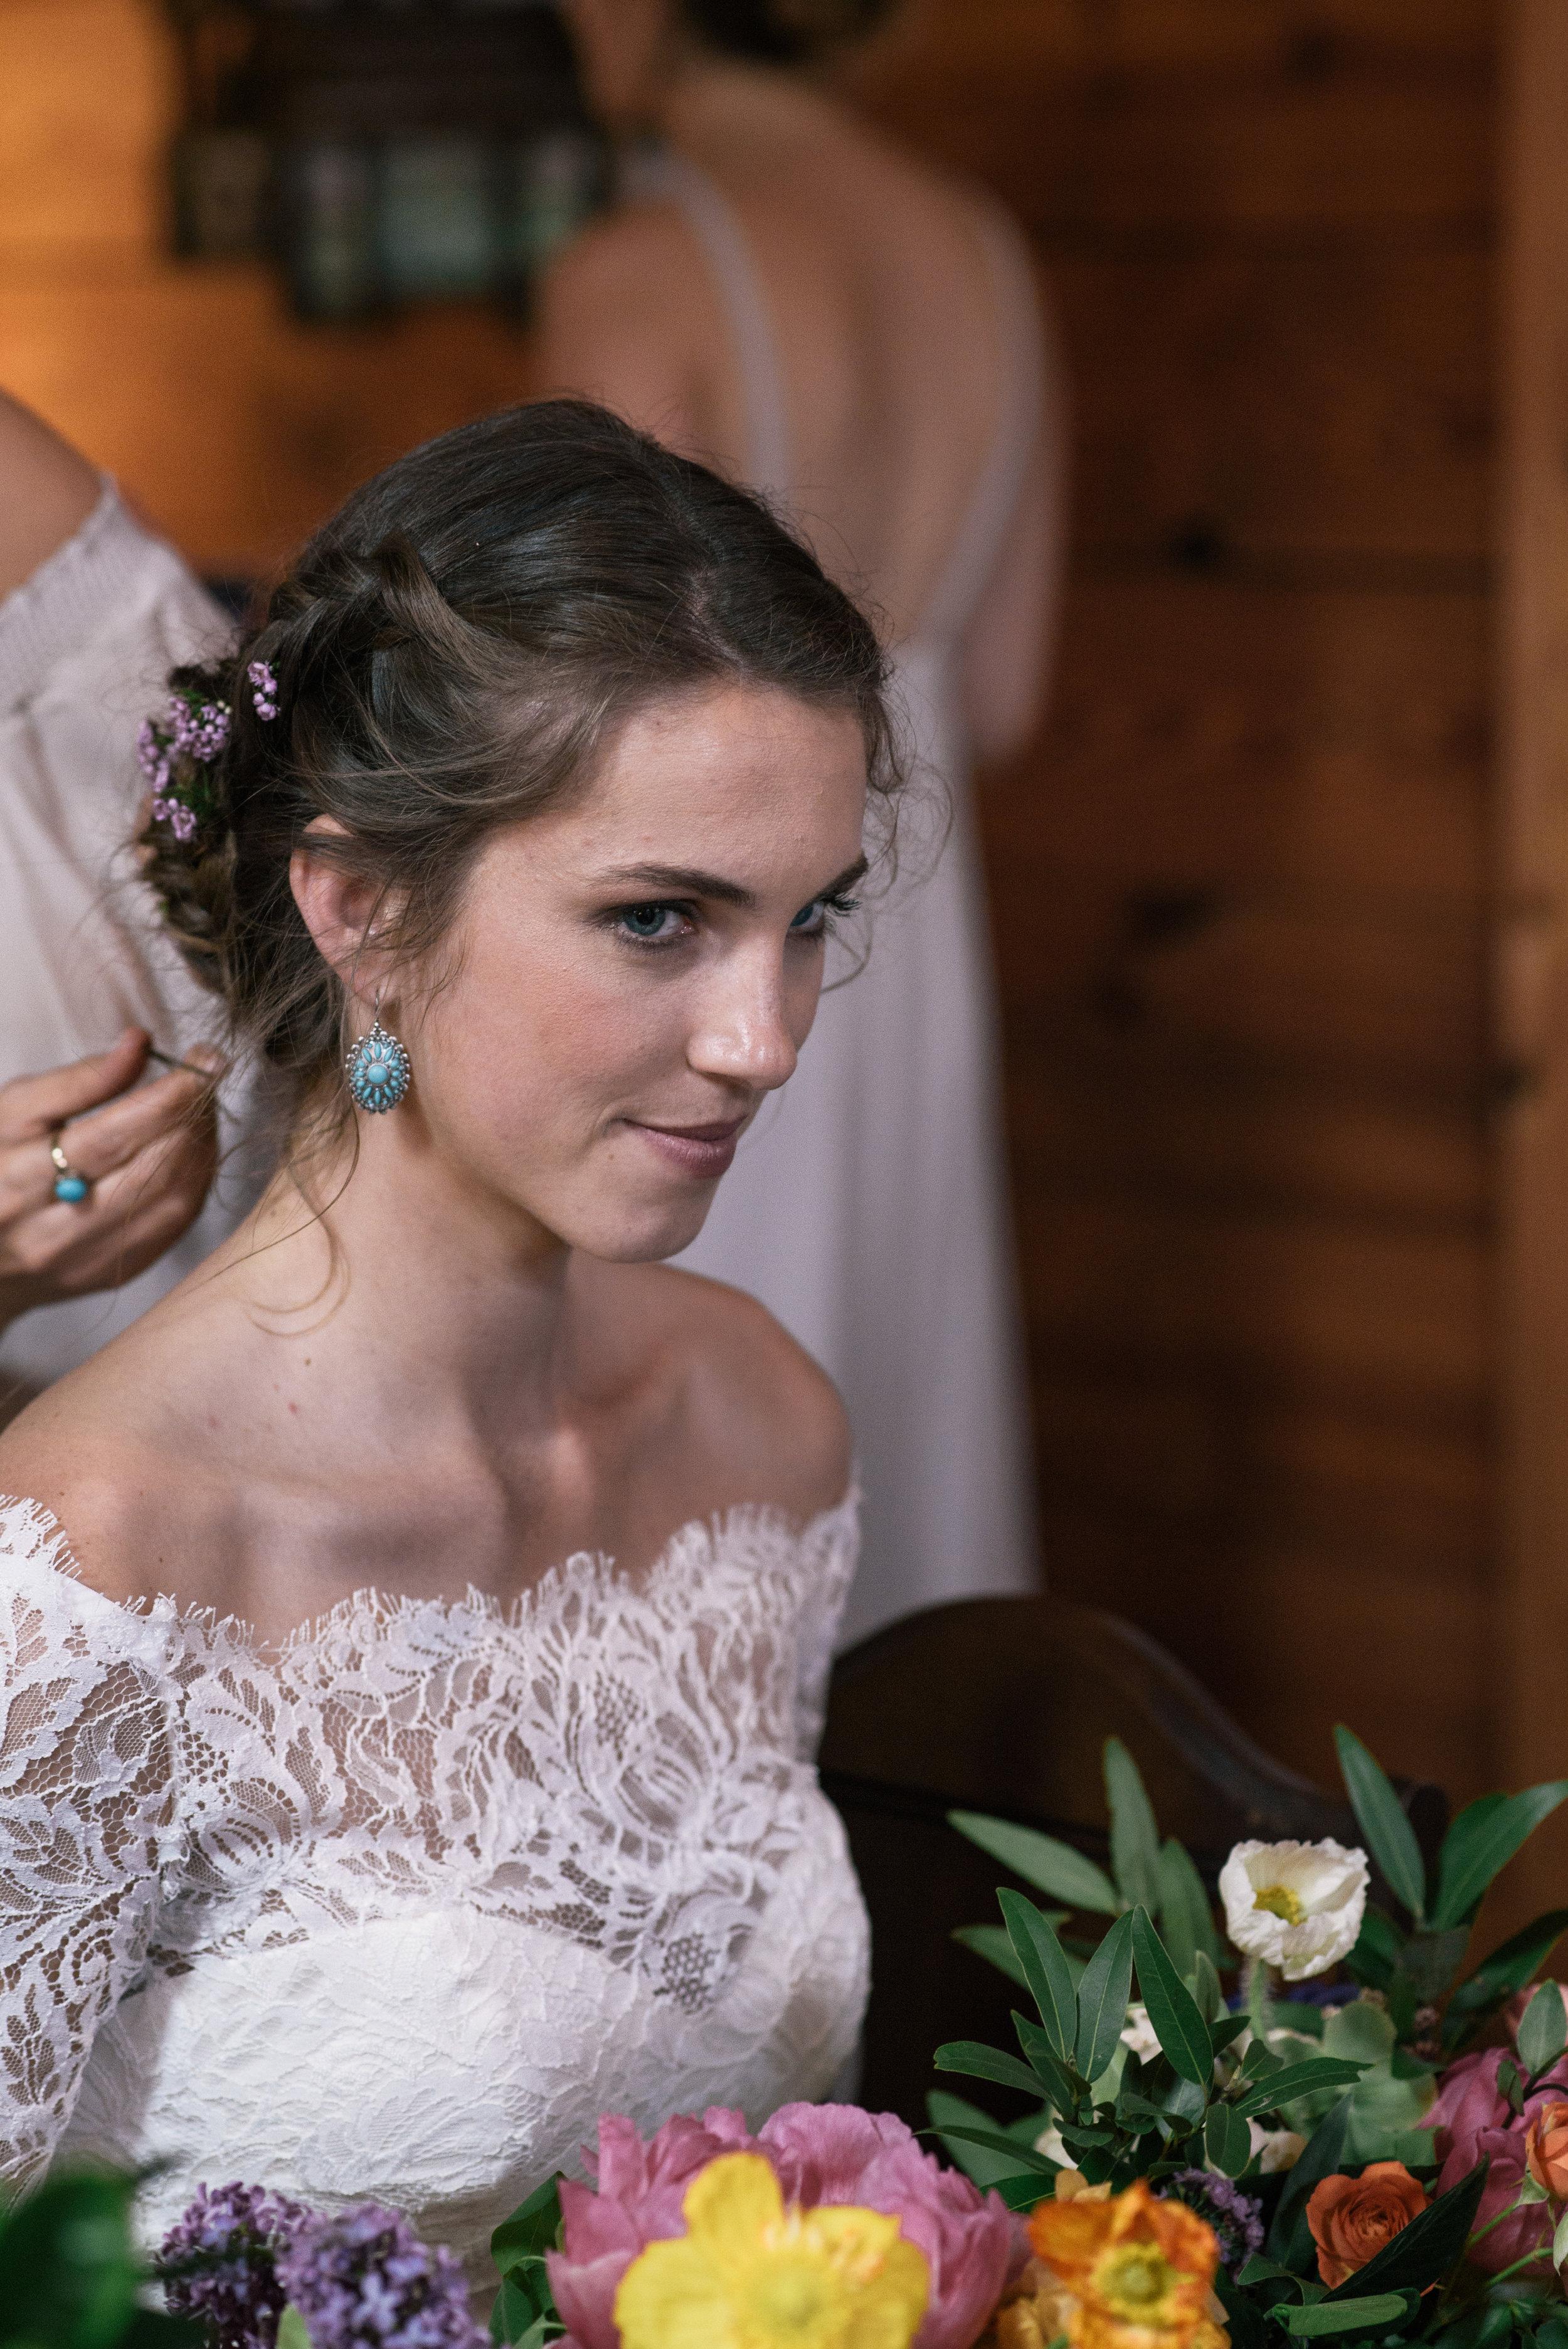 raleigh-elopement-photographer-raleigh-durham-wedding-maddie-and-devin- (83 of 162).jpg